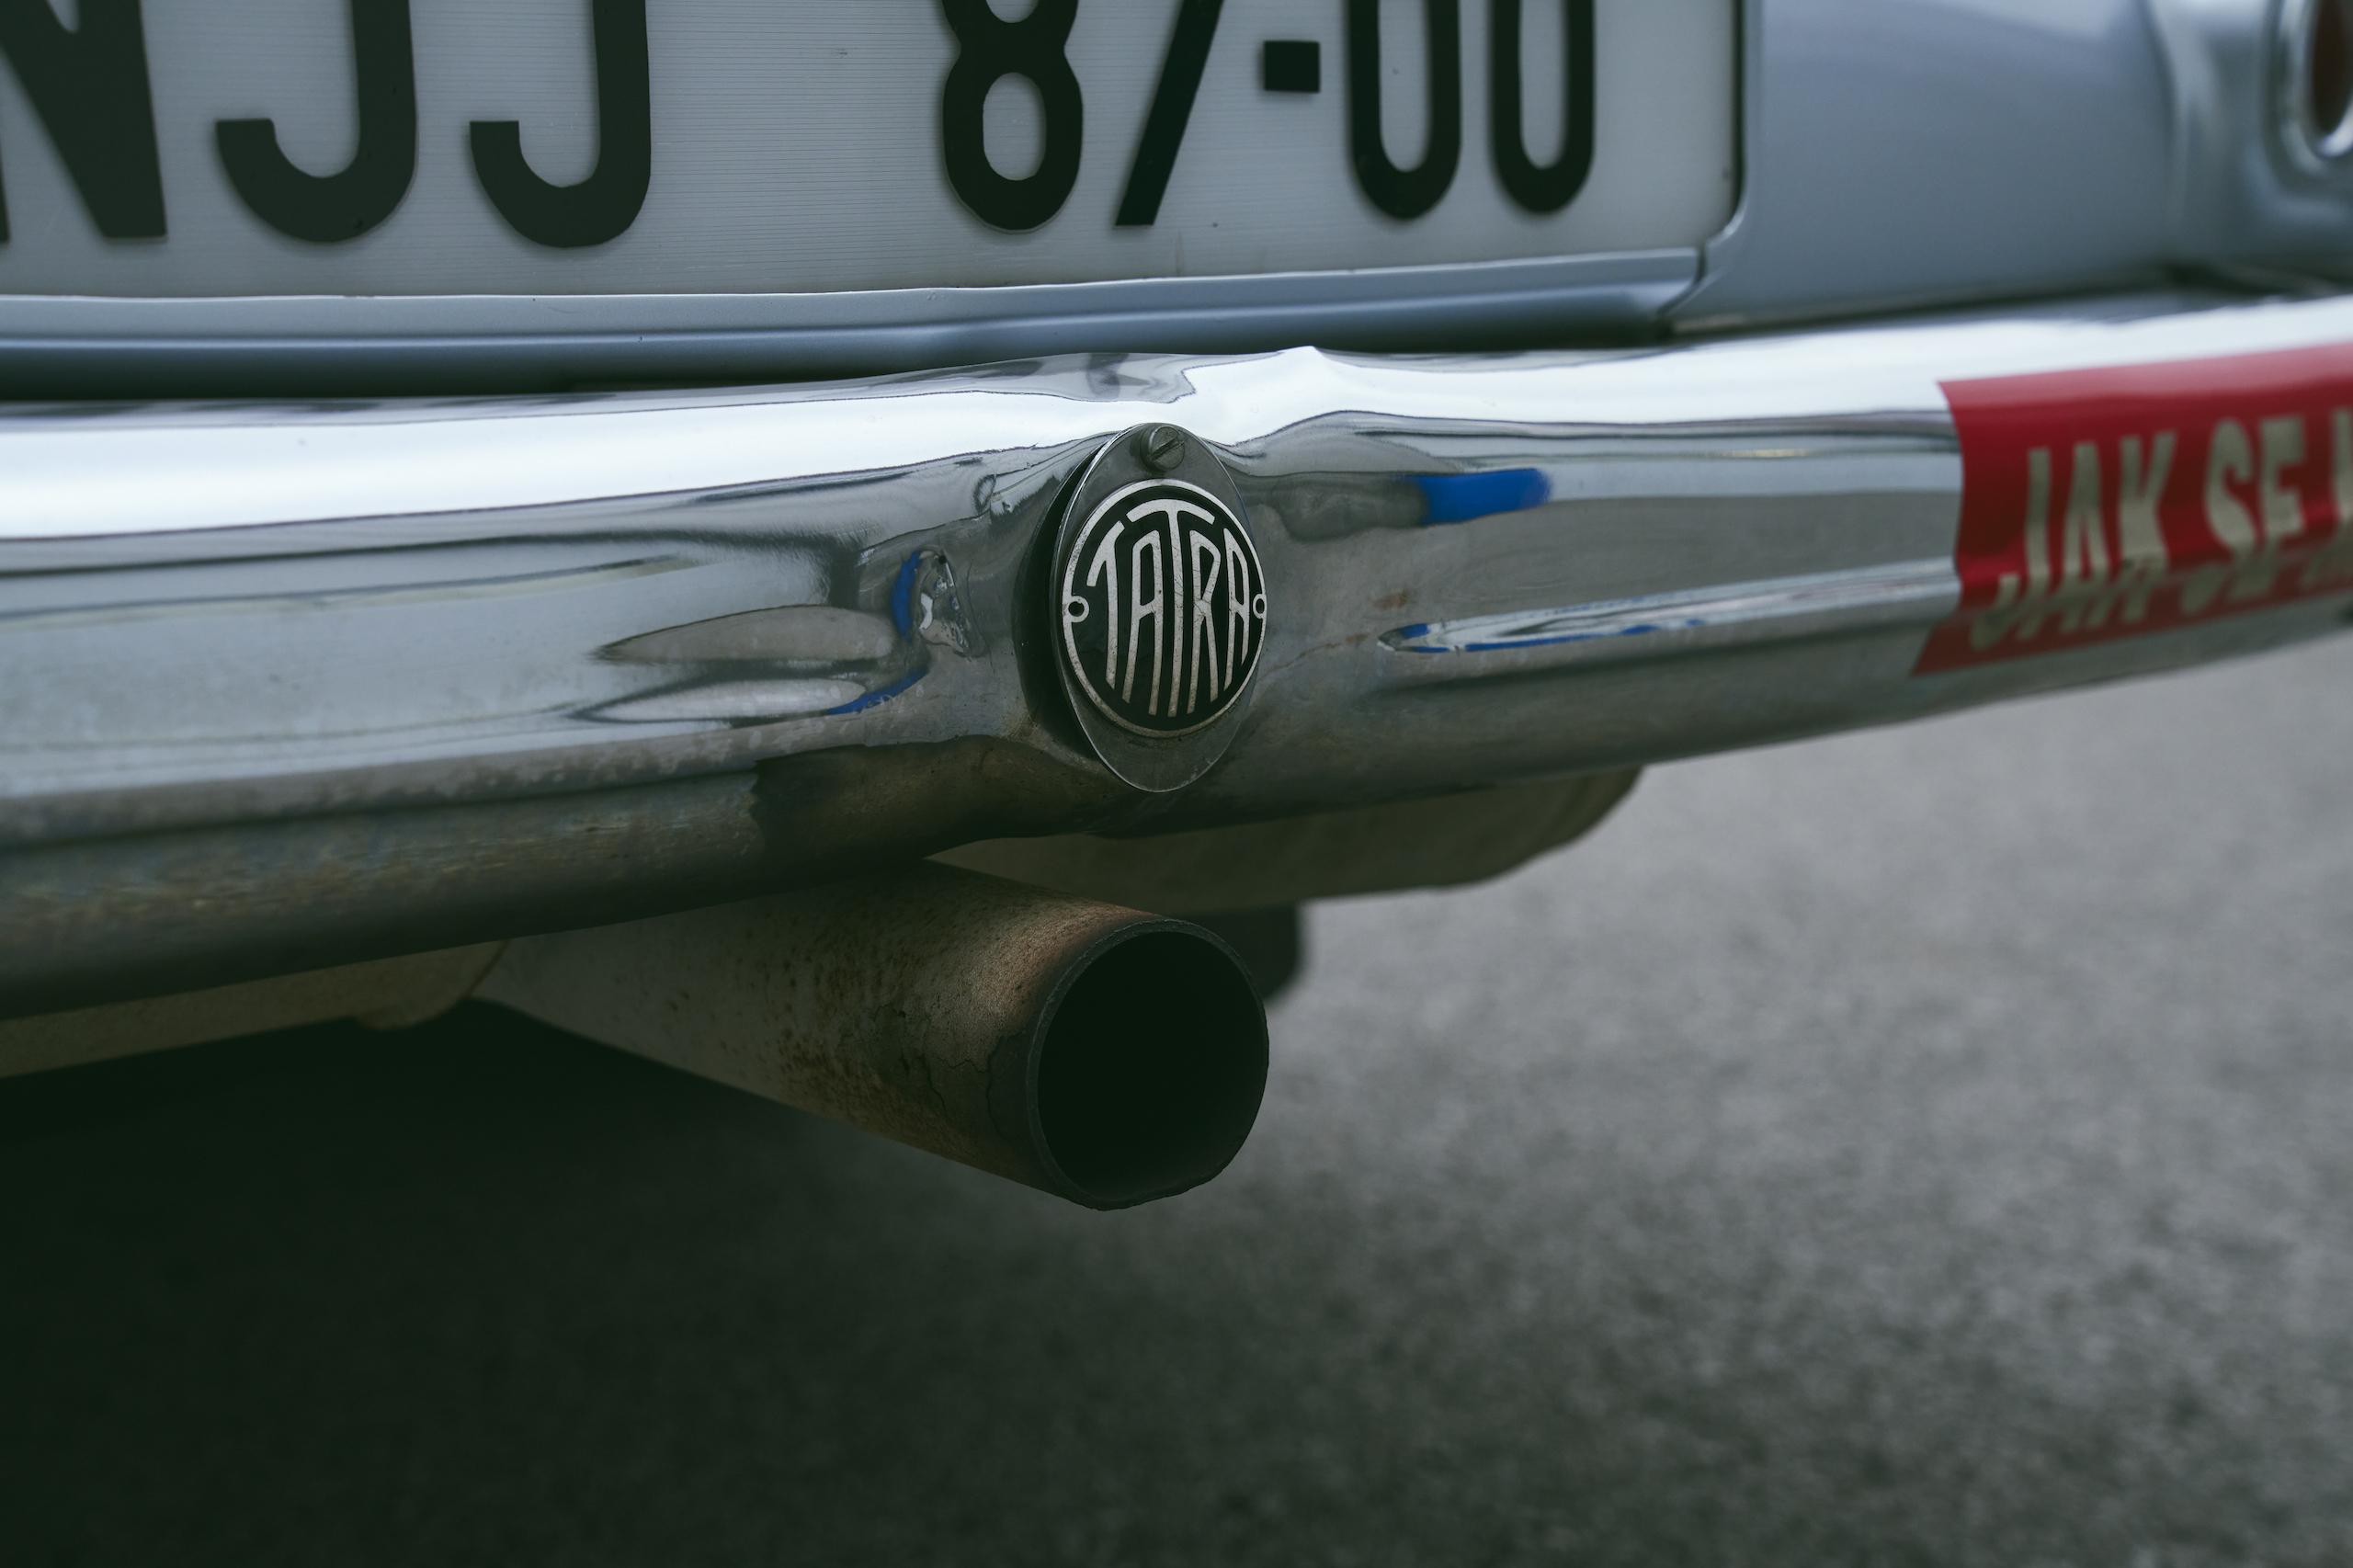 1947 Tatra T87 rear tailpipe detail